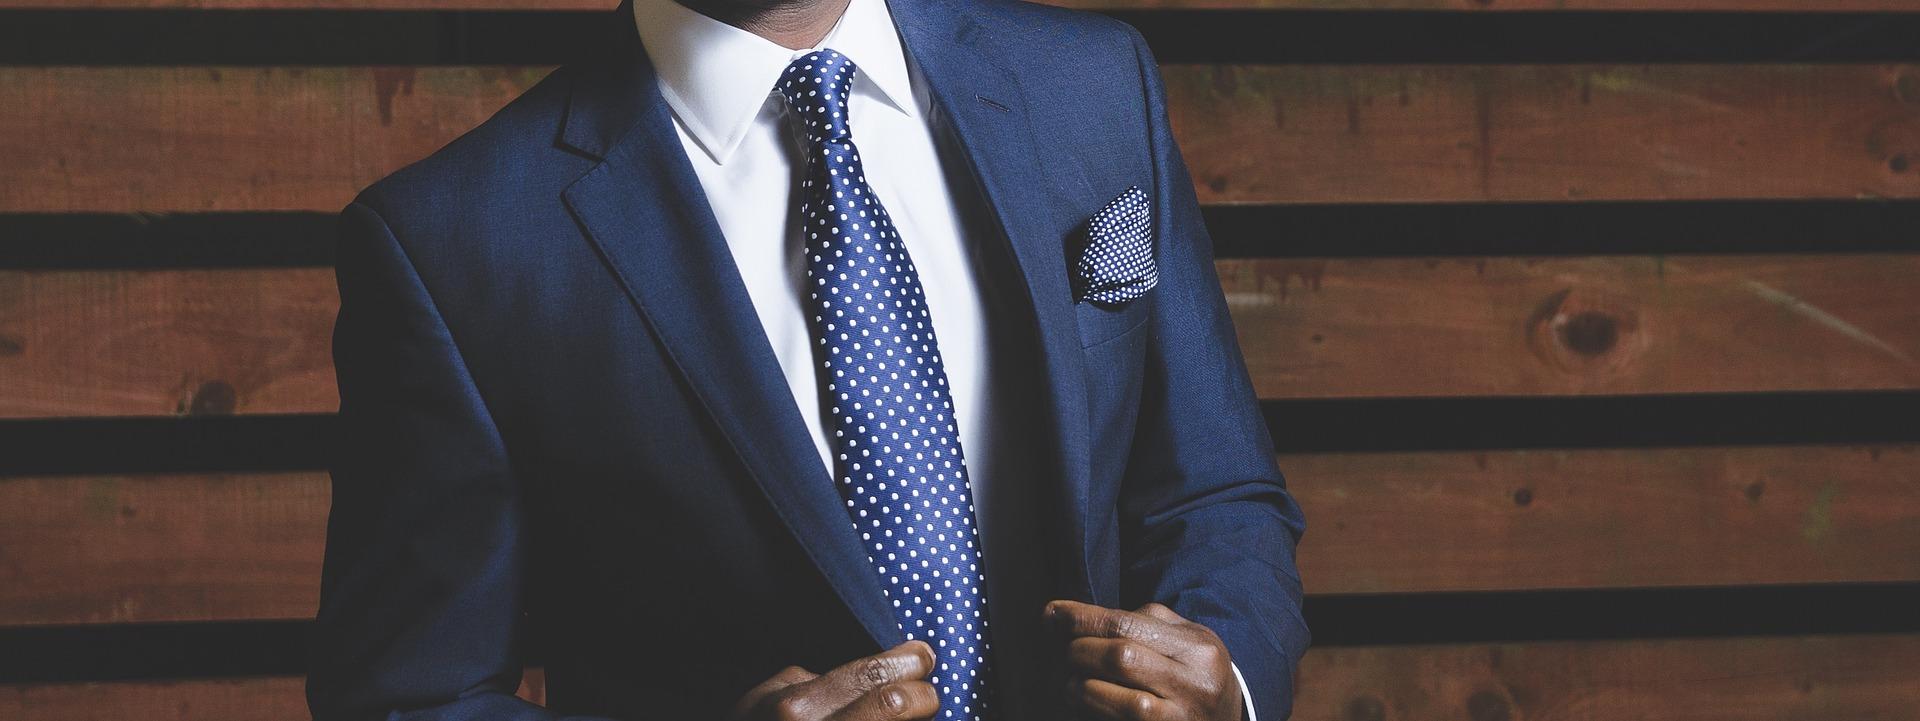 homme portant un costume bleu marine et une chemise blanche